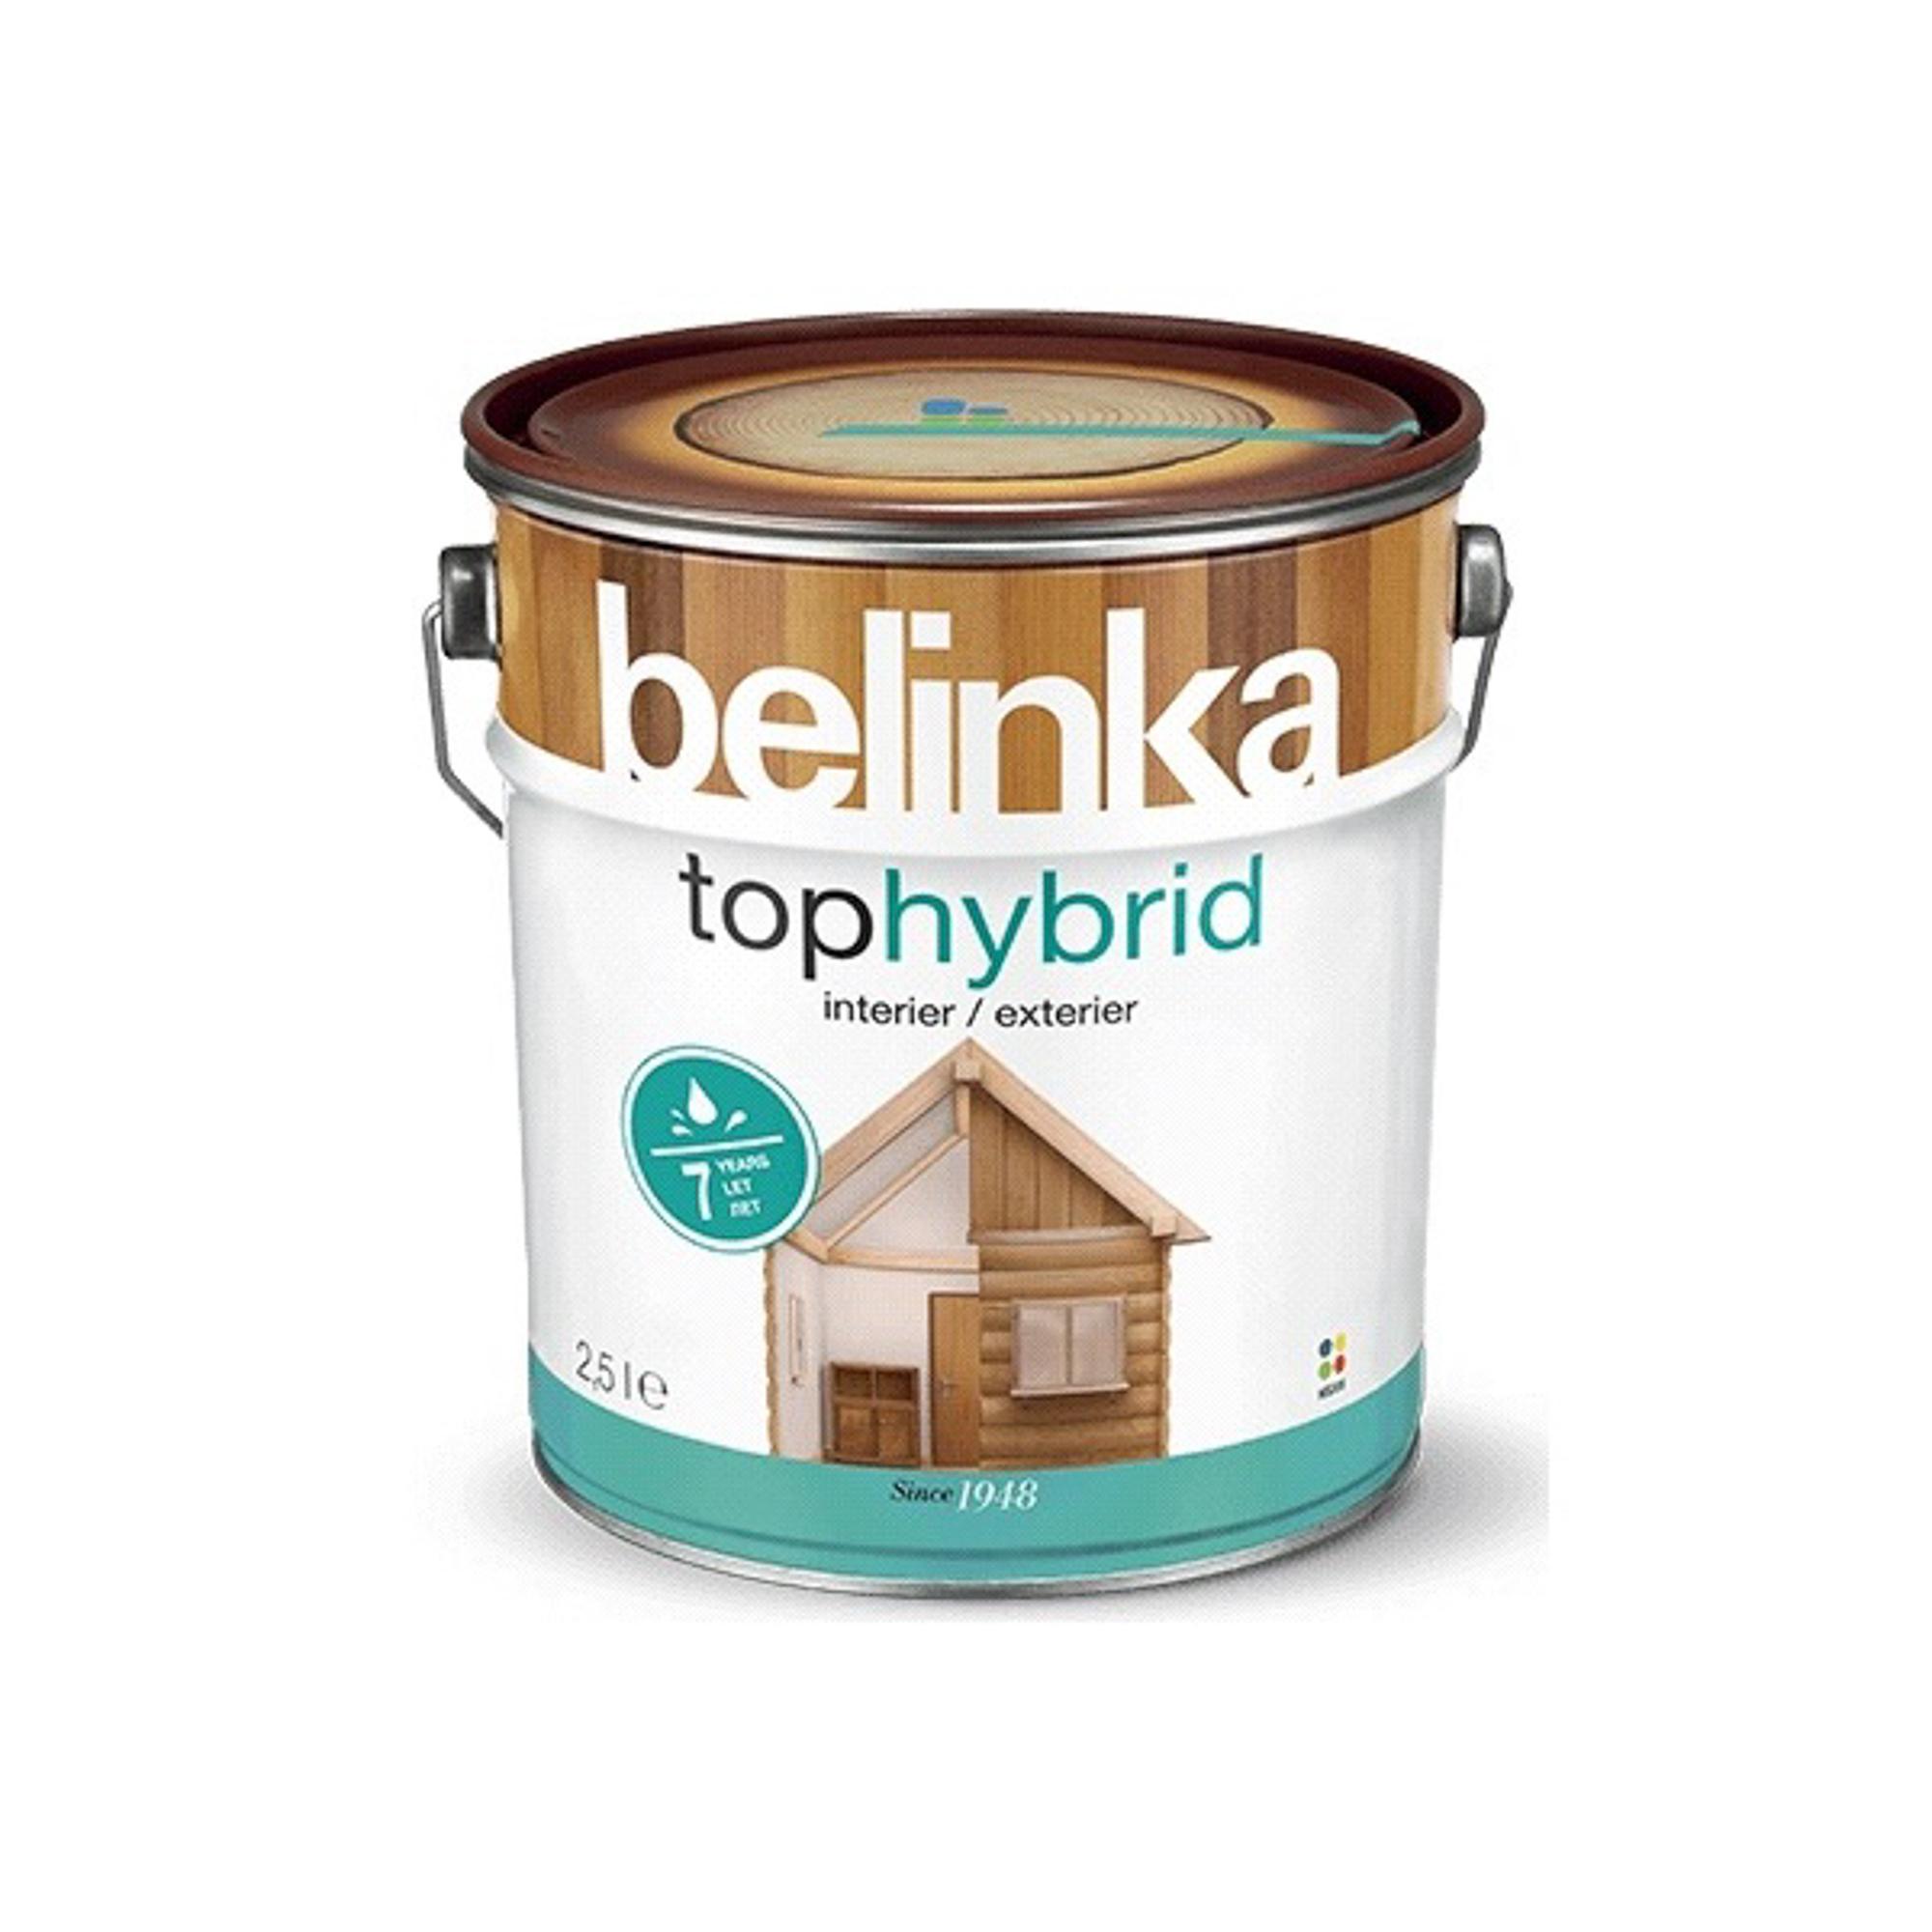 Фото - Пропитка Belinka tophybrid 2.5 л.палиссандр пропитка belinka tophybrid 2 5 л 15 дуб